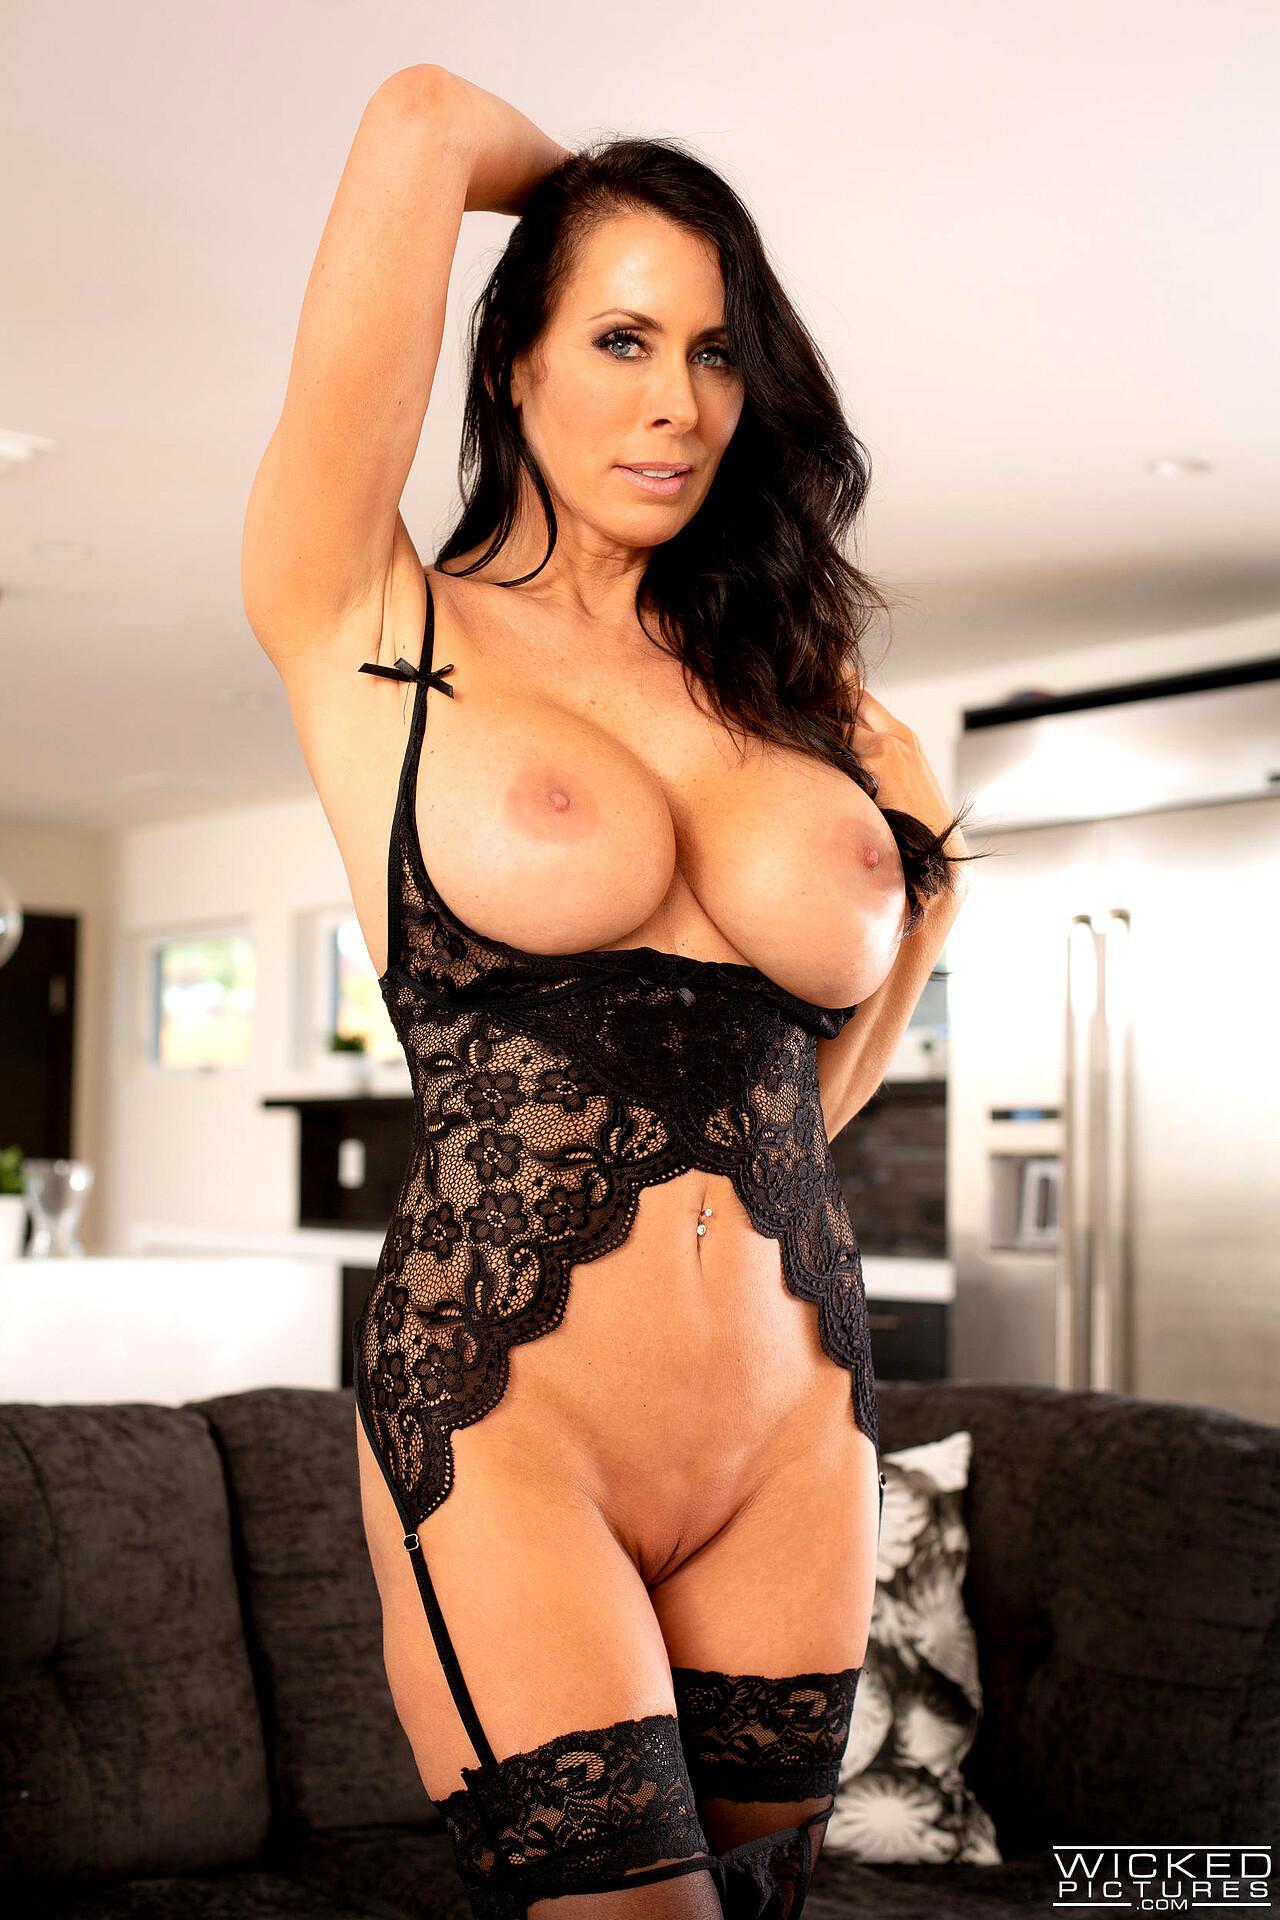 Big Tits Xnxx Porn